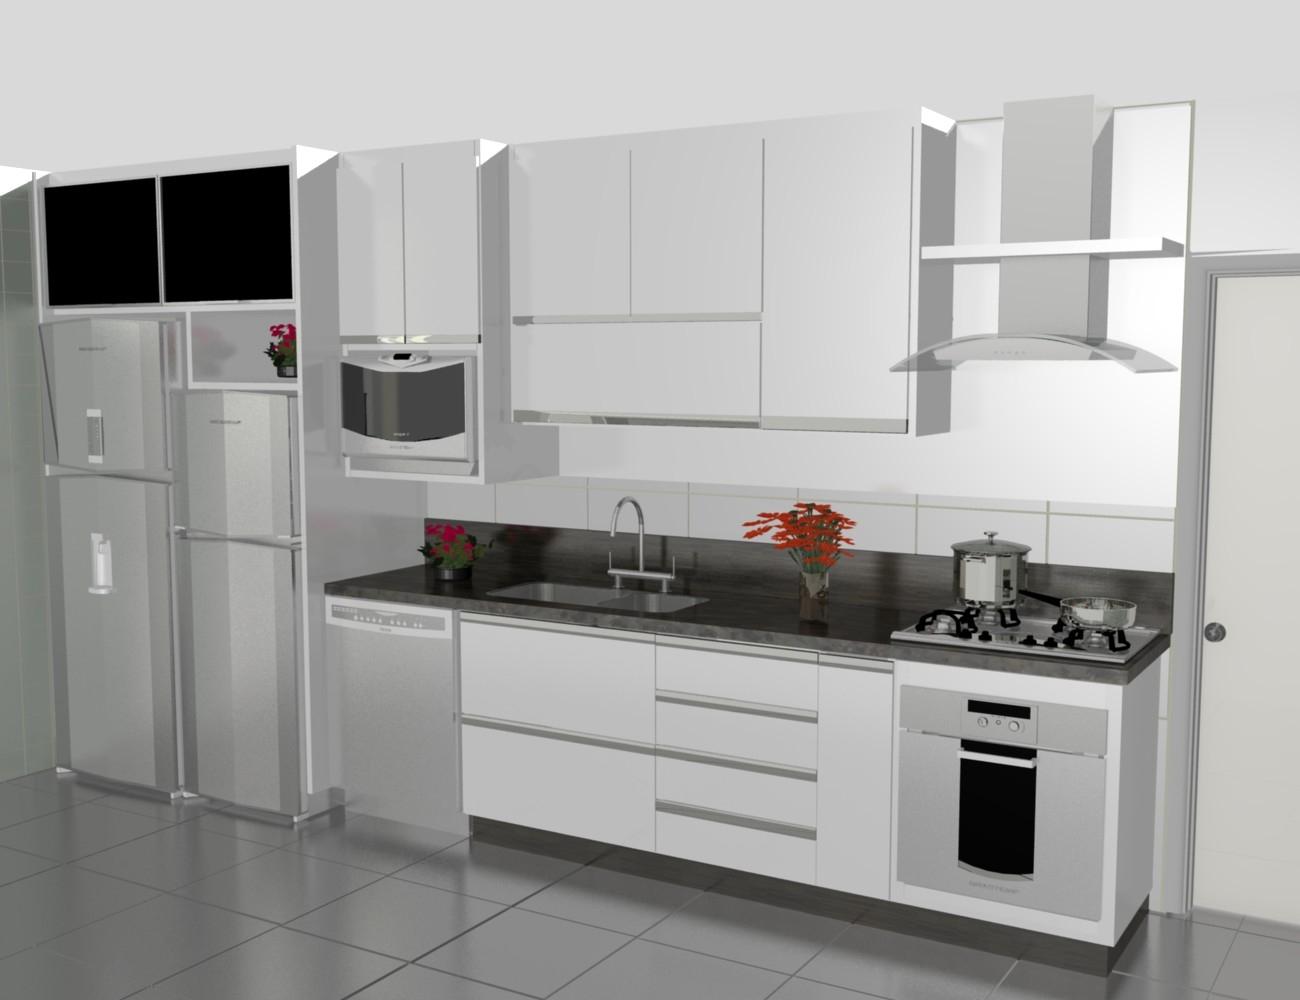 #6F3931 Cel (11) 98477 3234: cozinhas planejadas cozinhas simples pequenas  1300x1000 px Projetos Frescos Da Cozinha Pequena_246 Imagens